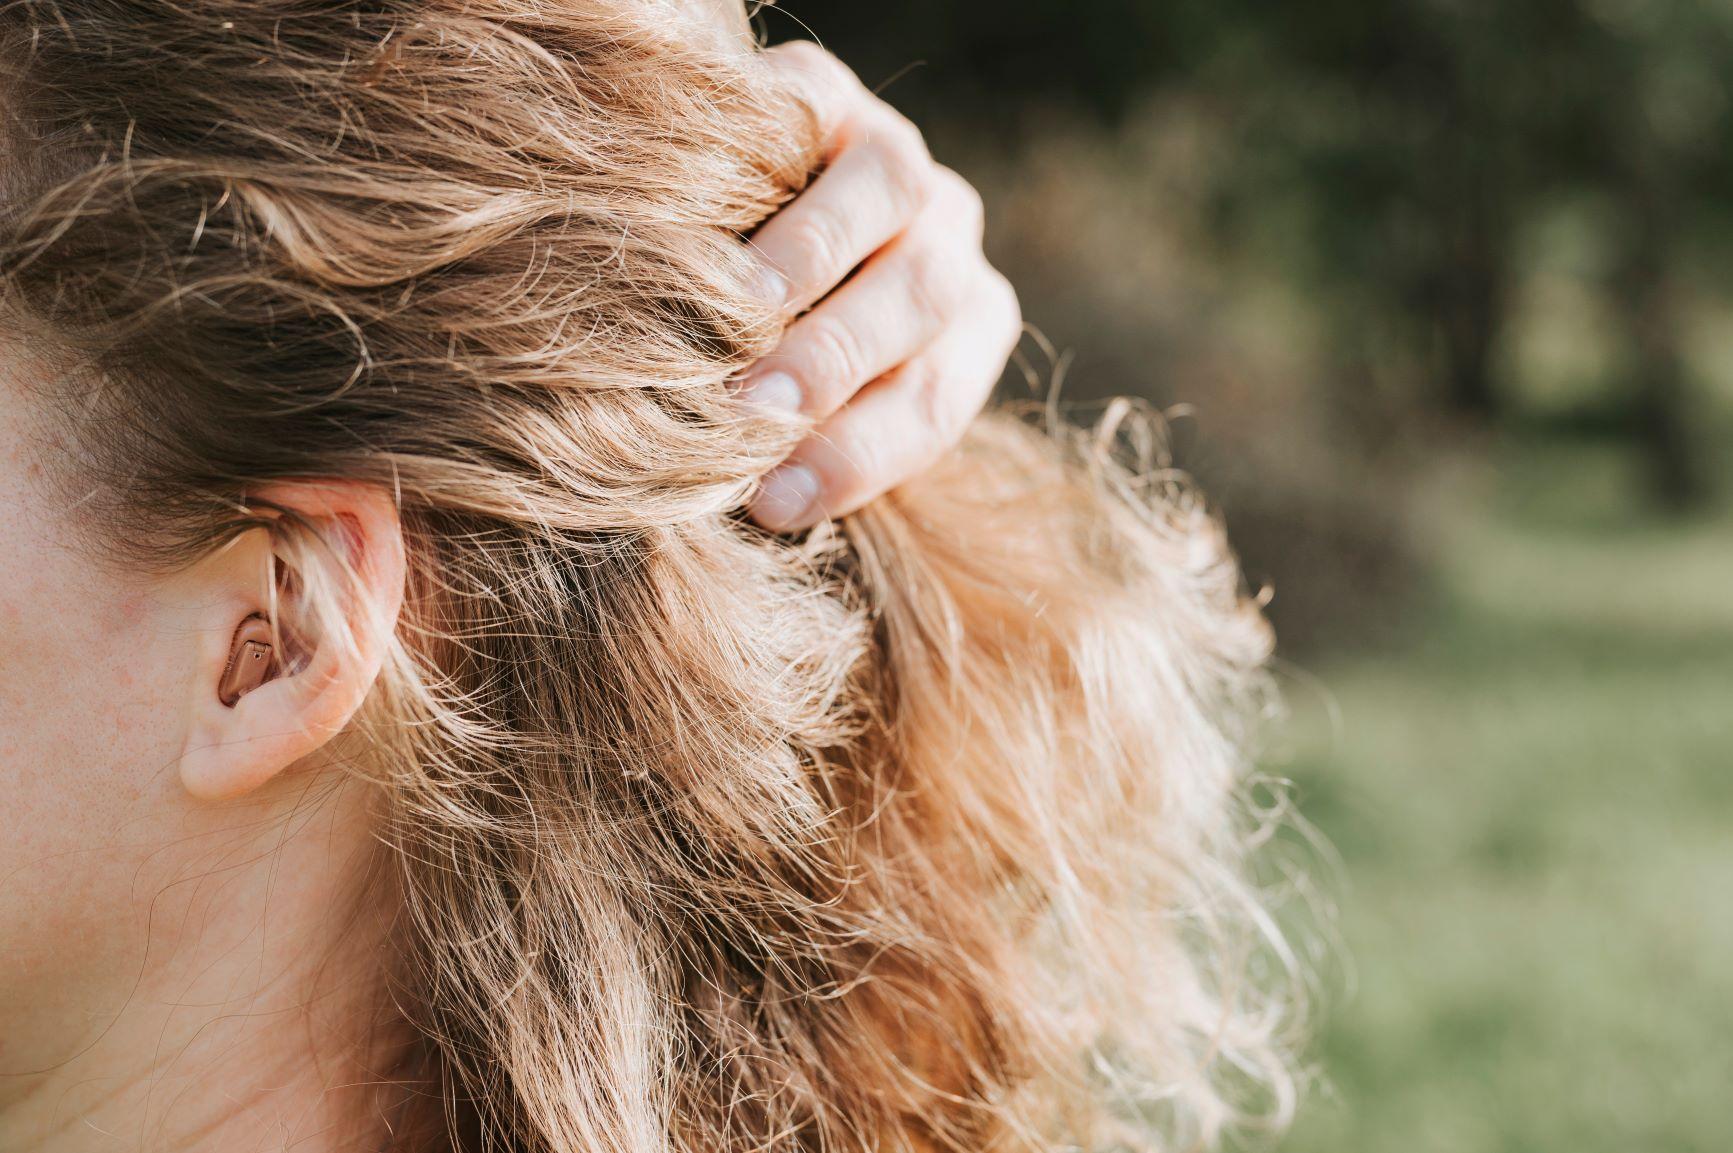 Se ti serve aiuto per un Disturbo dell'udito a Roma centro